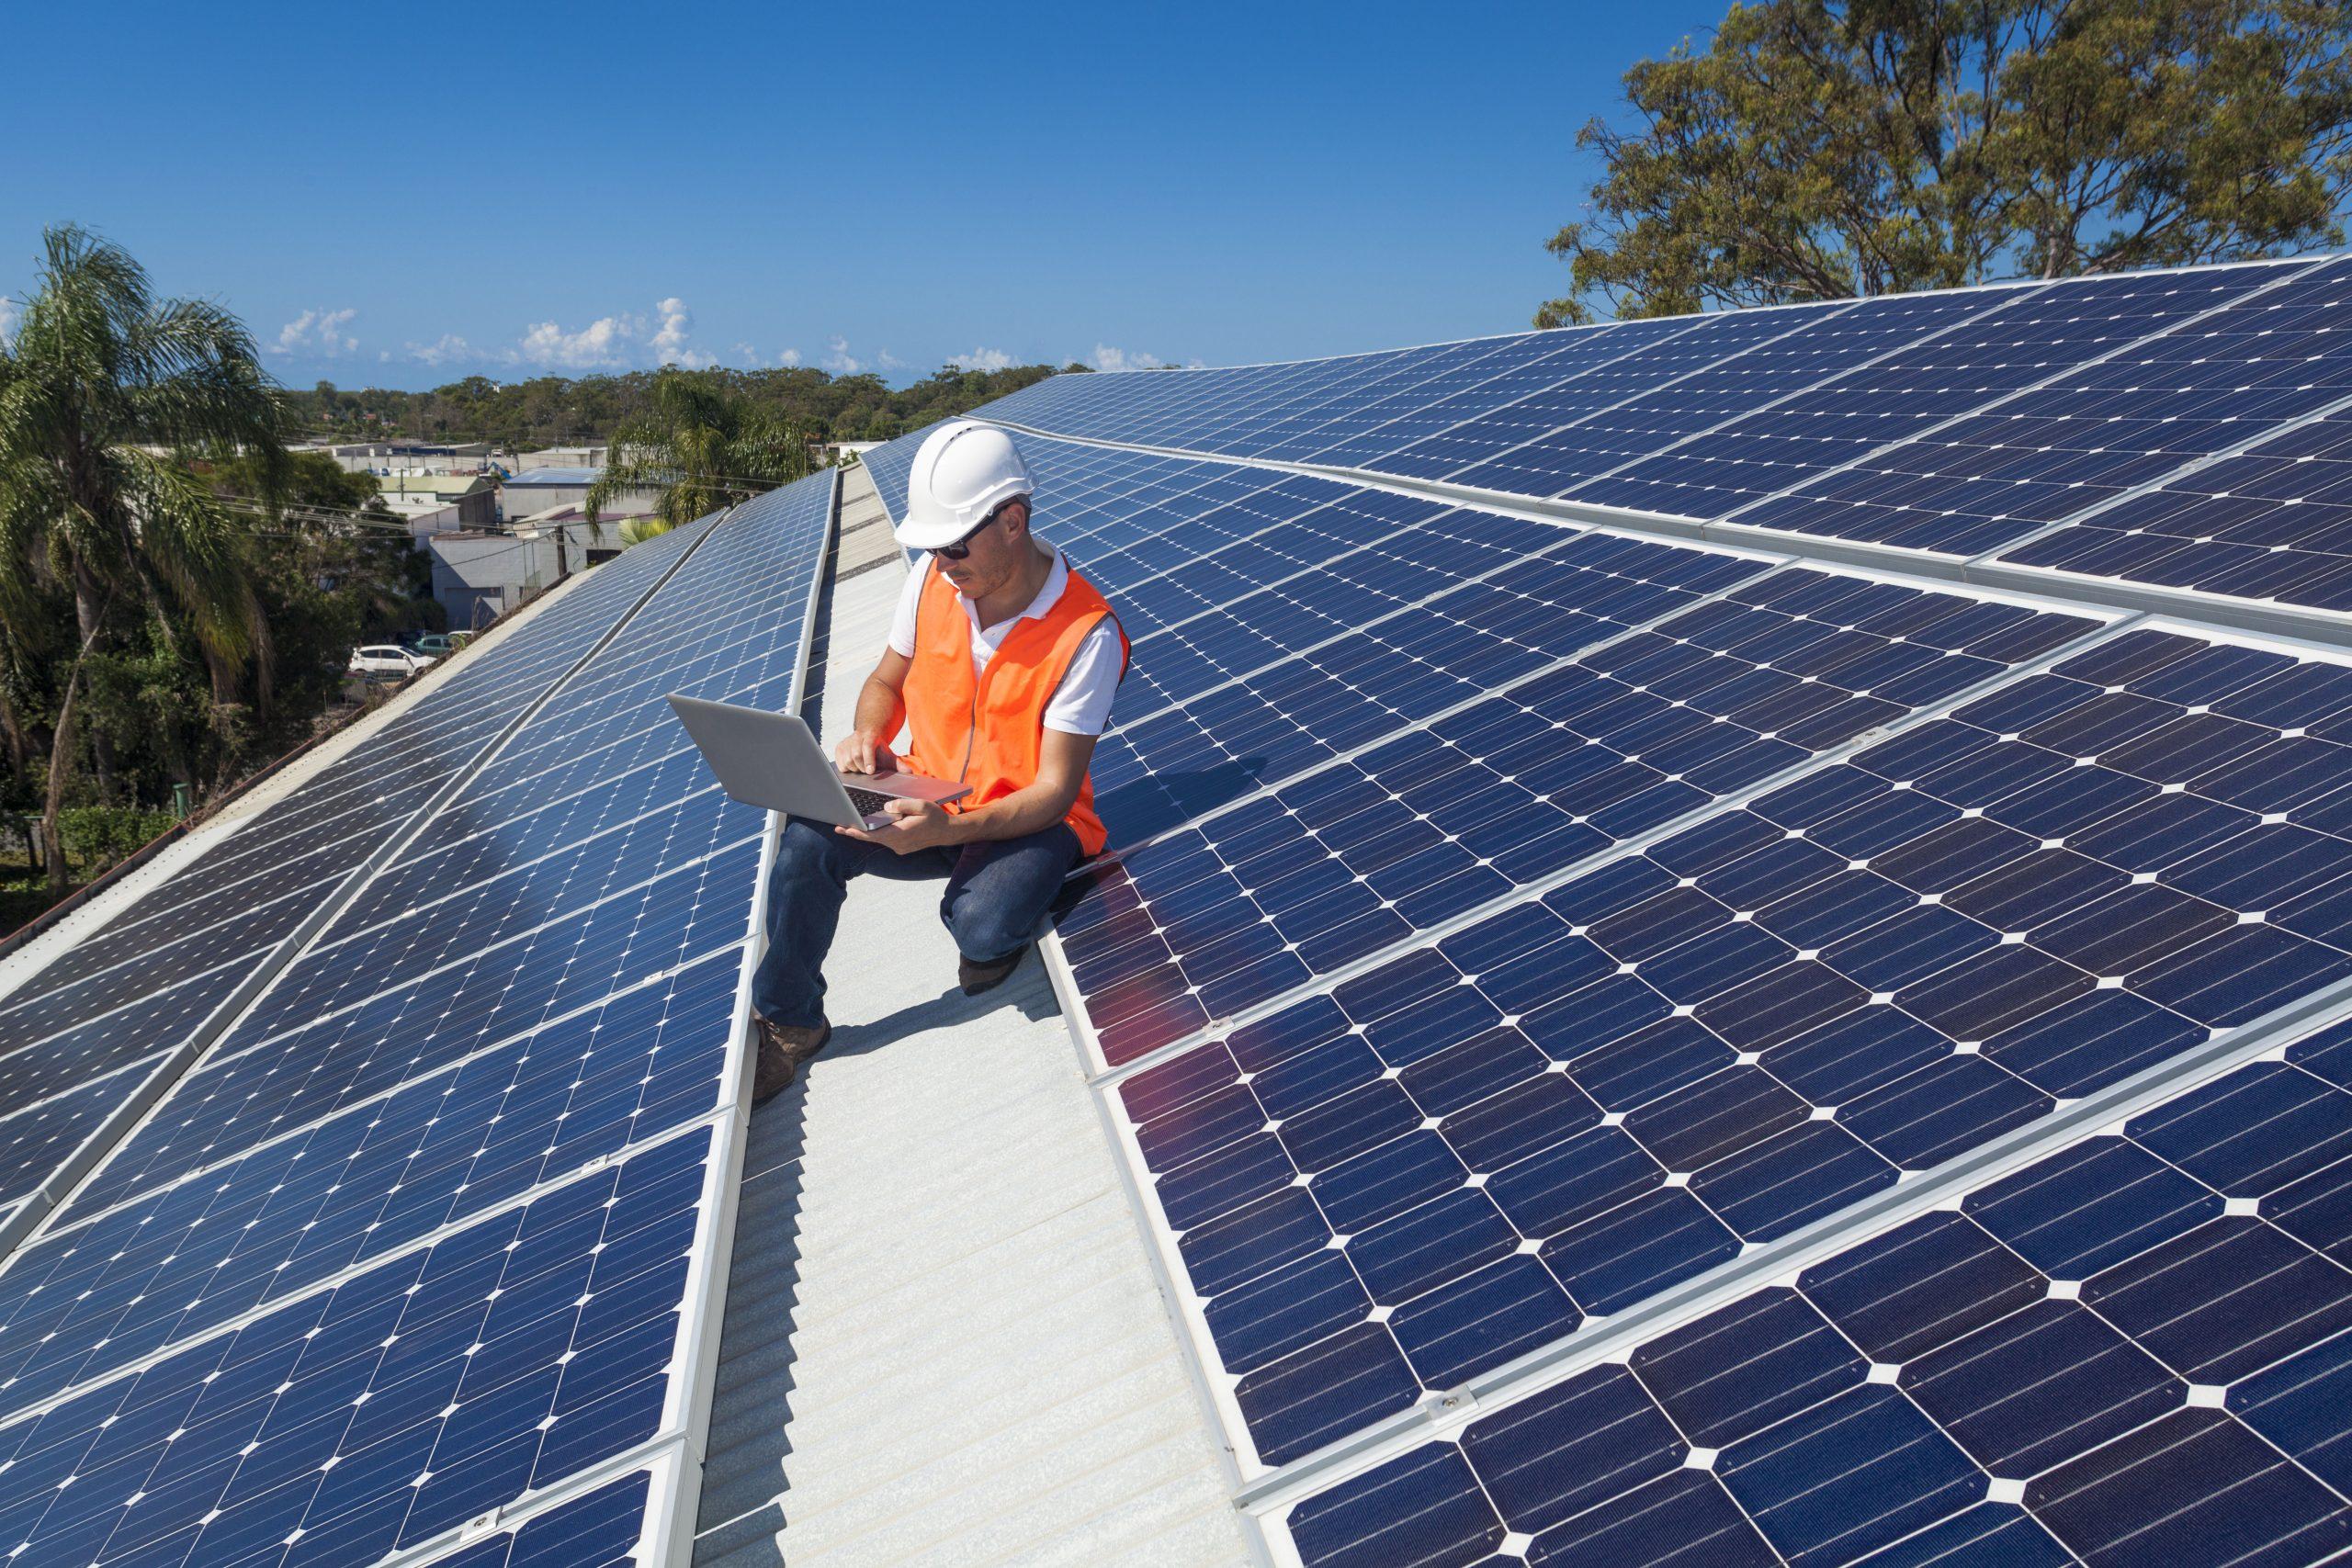 Солнечные батареи - отзывы о работе и рекомендации по установке